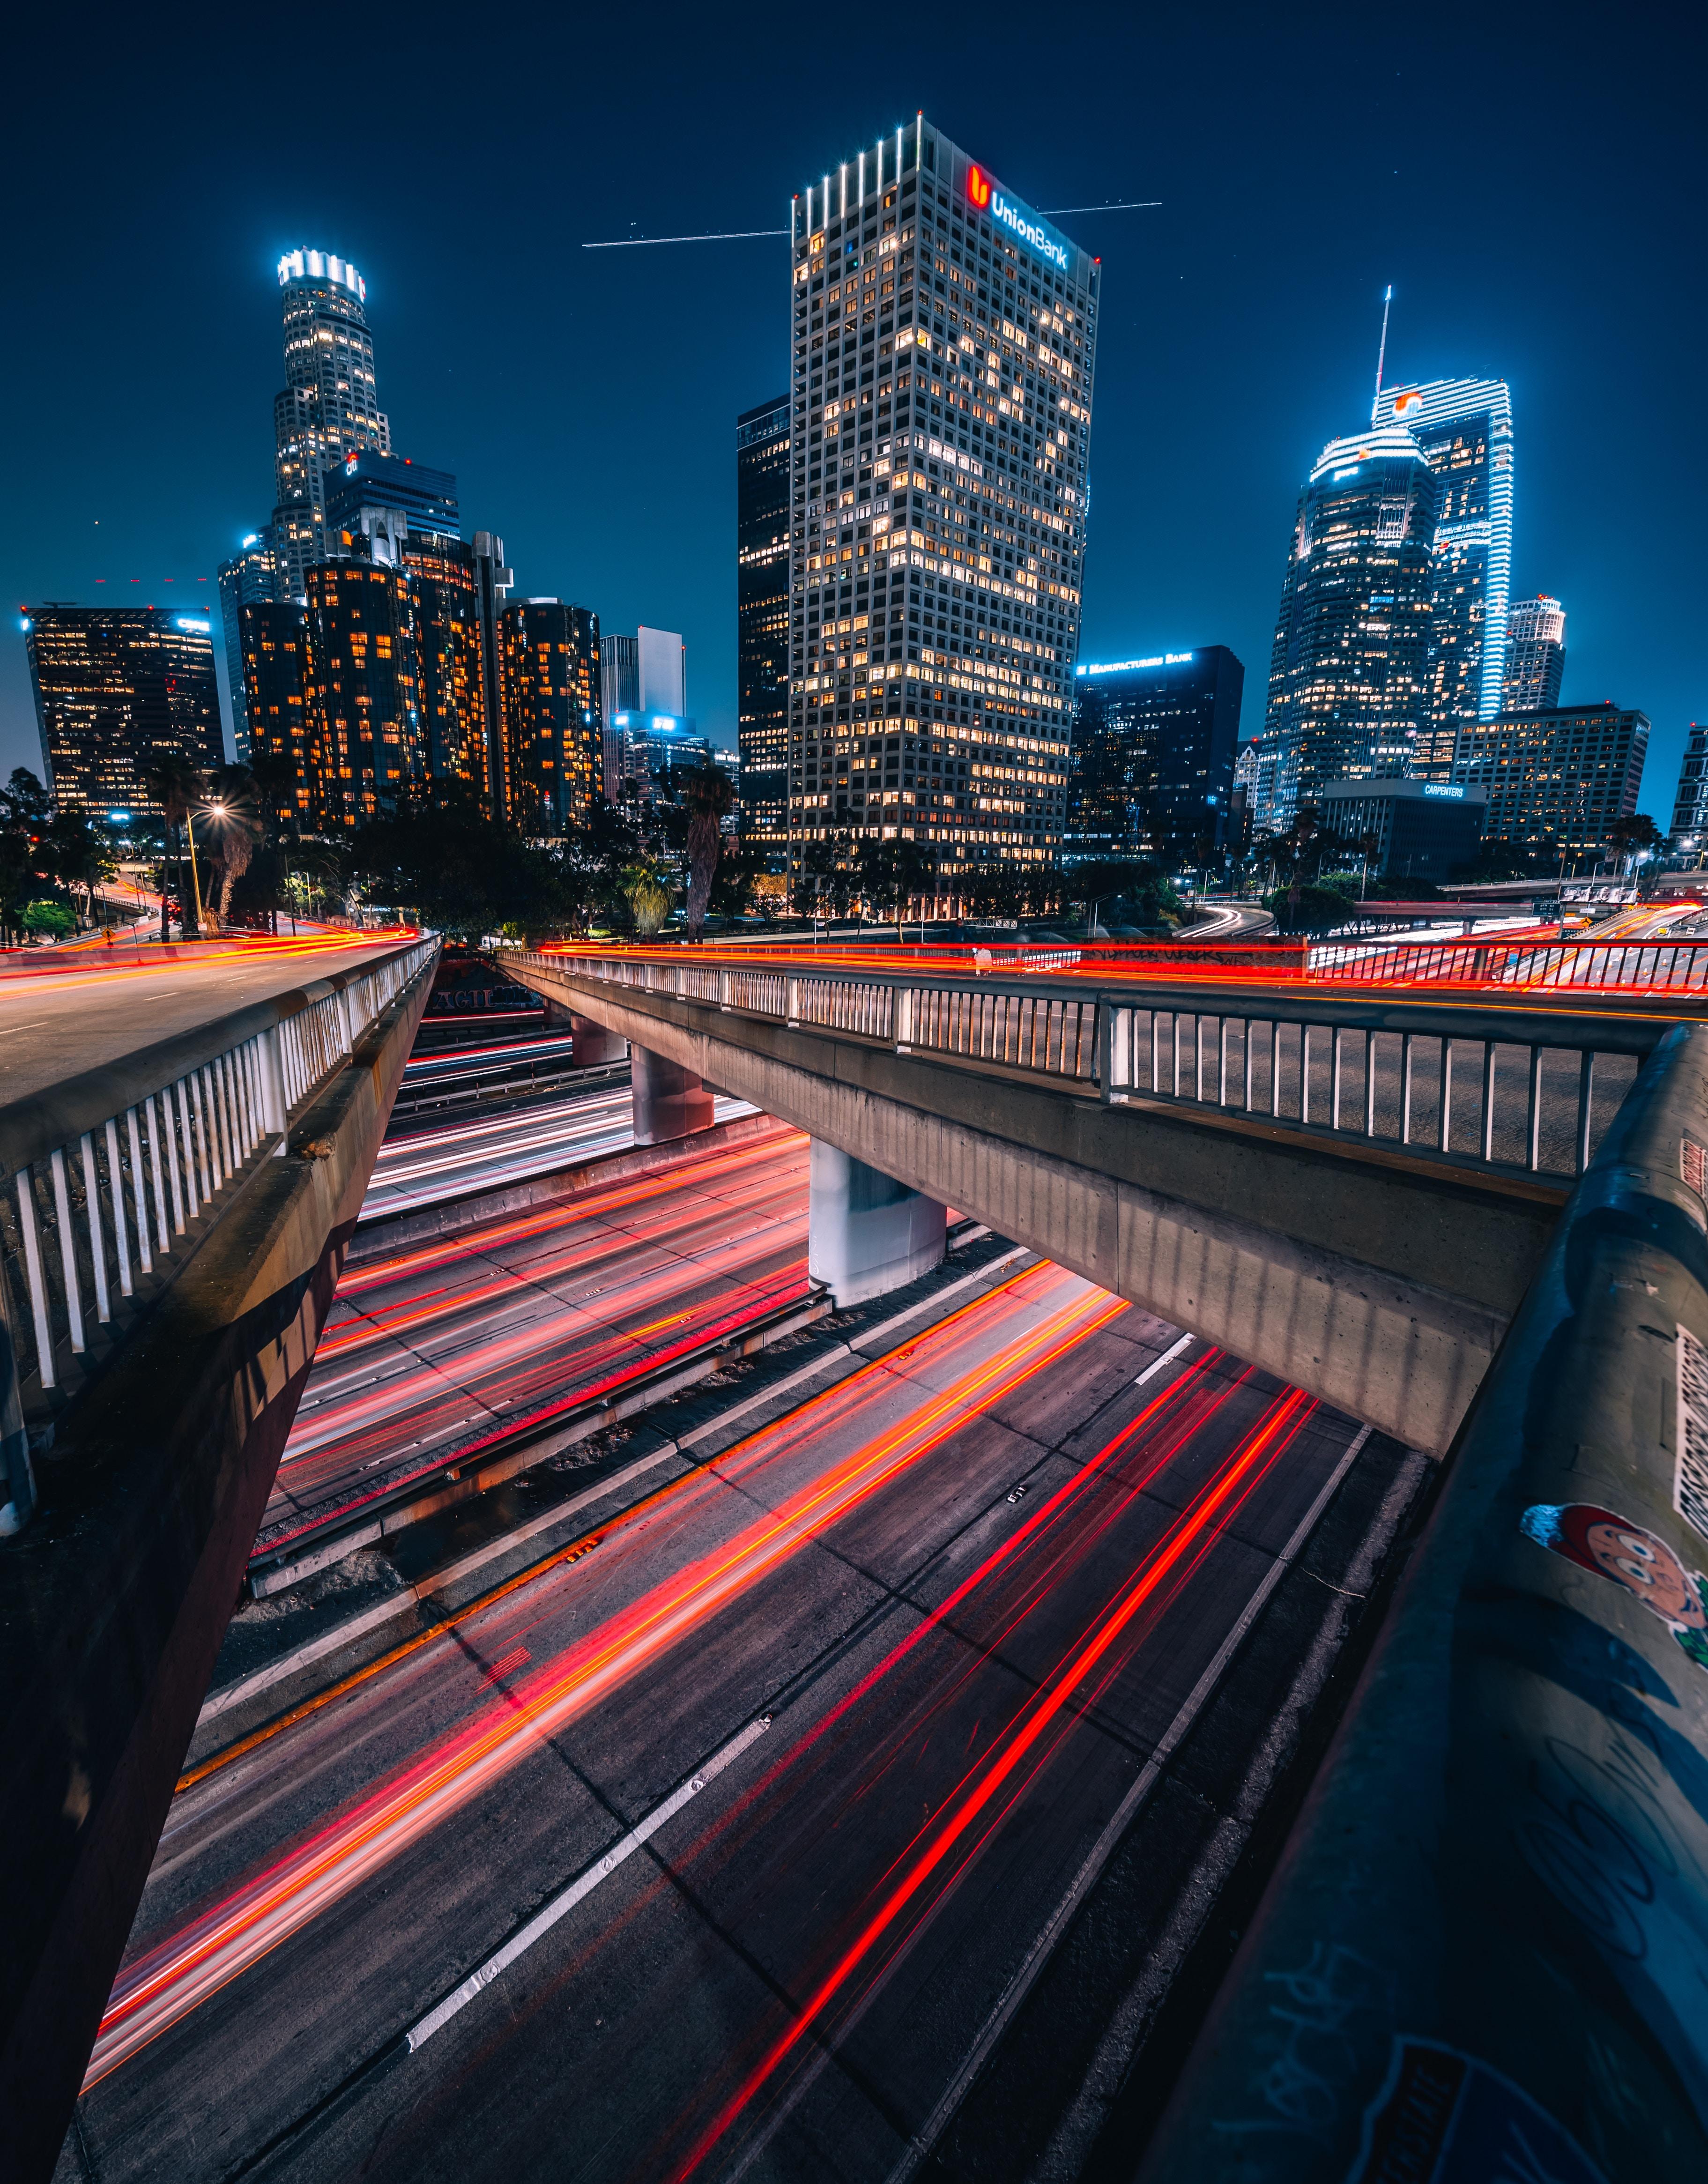 86093 Salvapantallas y fondos de pantalla Arquitectura en tu teléfono. Descarga imágenes de Ciudad De Noche, Ciudad Nocturna, Edificio, Encendiendo, Iluminación, Luces De La Ciudad, Arquitectura, Ciudades gratis